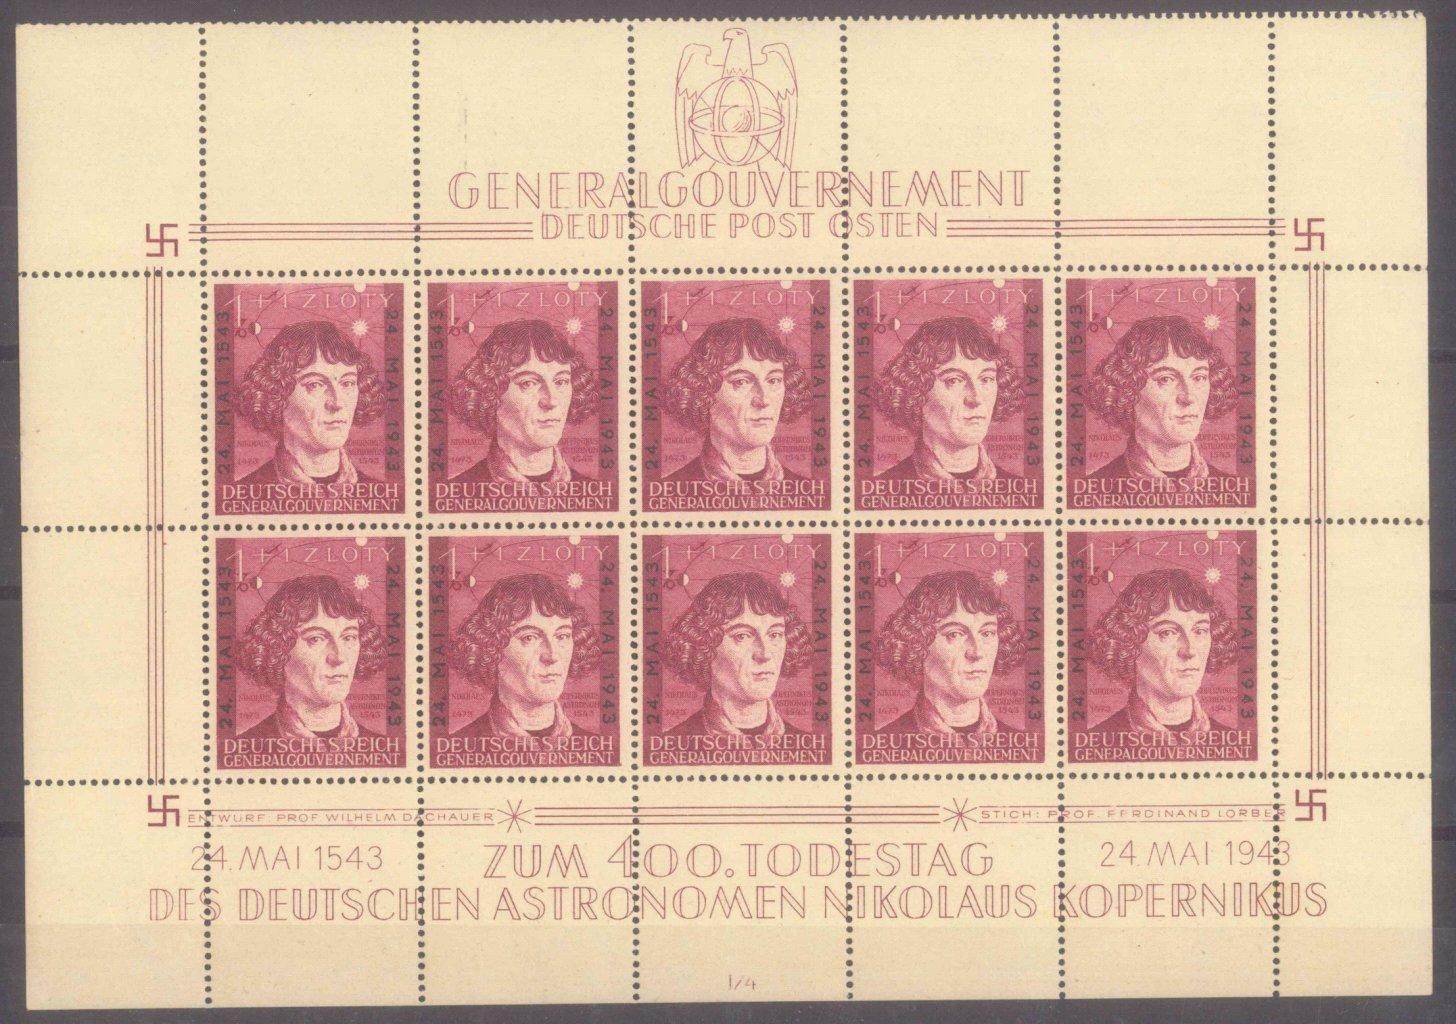 GENERALGOUVERNEMENT 1943, Kopernikus – Kleinbogen